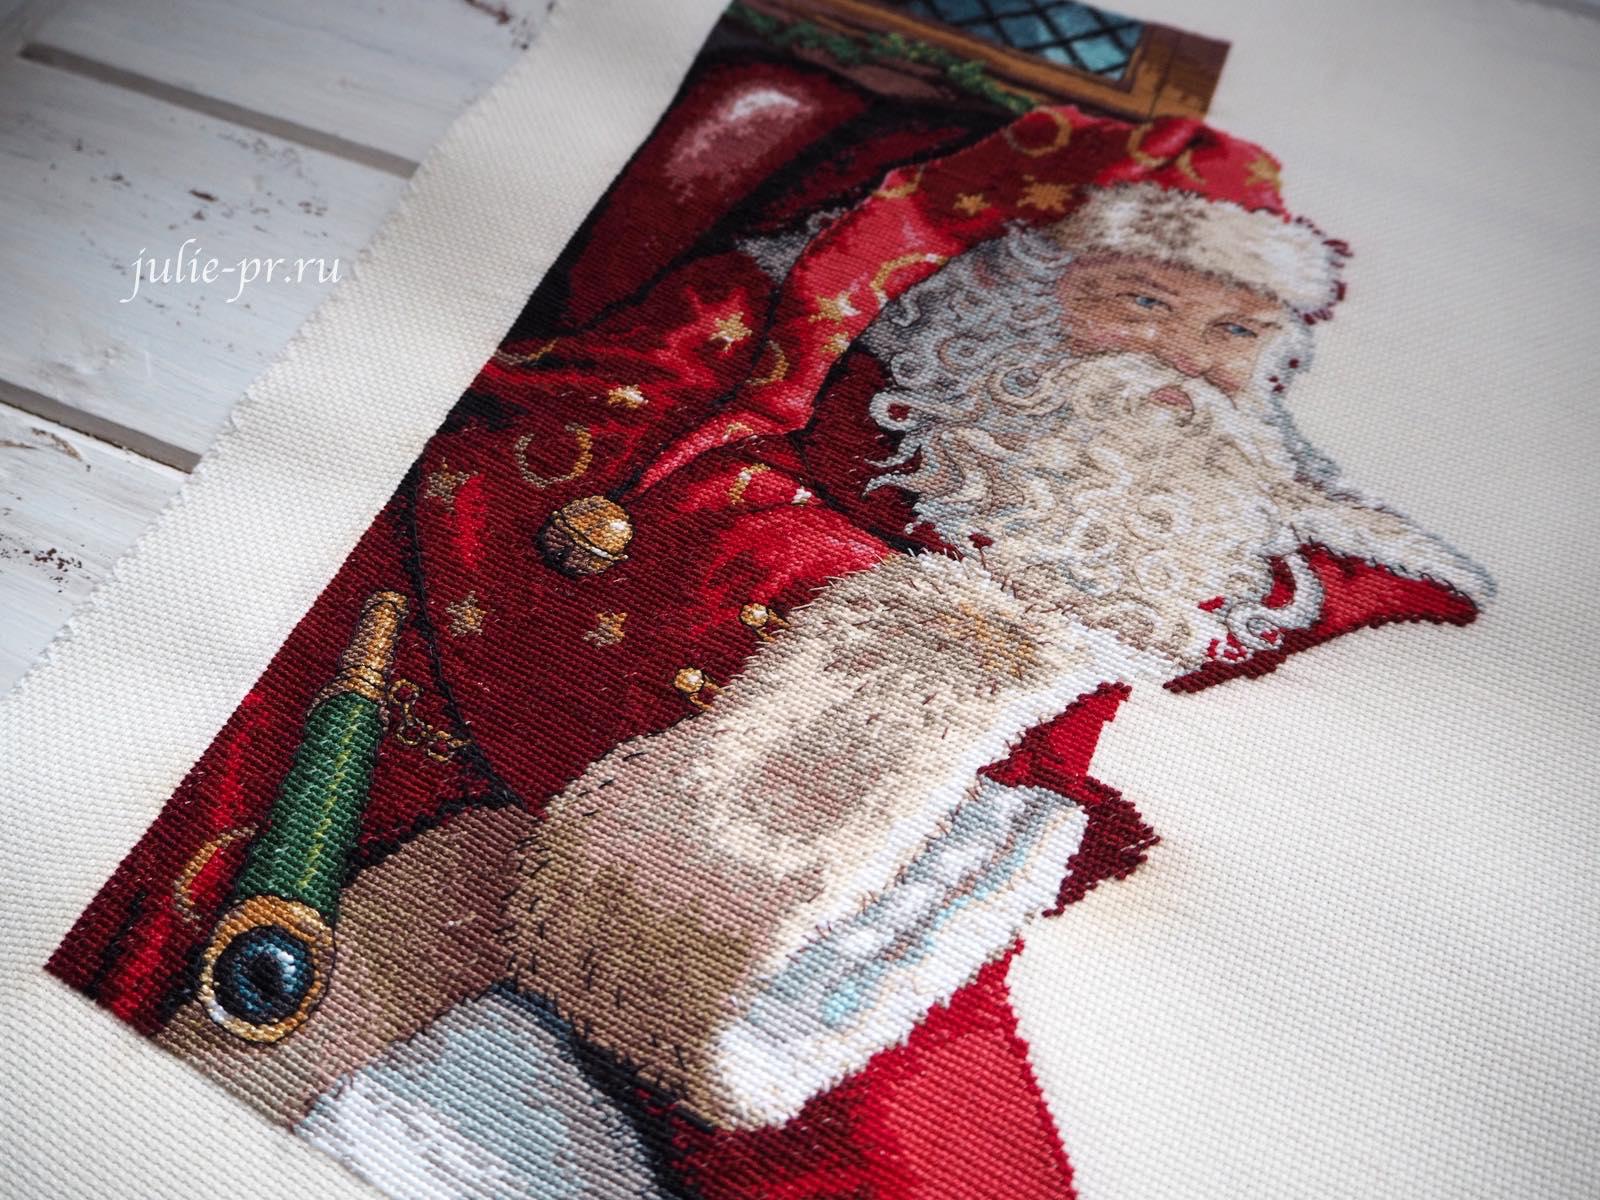 Dimensions 8803, One Christmas Eve, вышивка крестом, в канун рождества, Санта с глобусом, раритетный набор, в сочельник